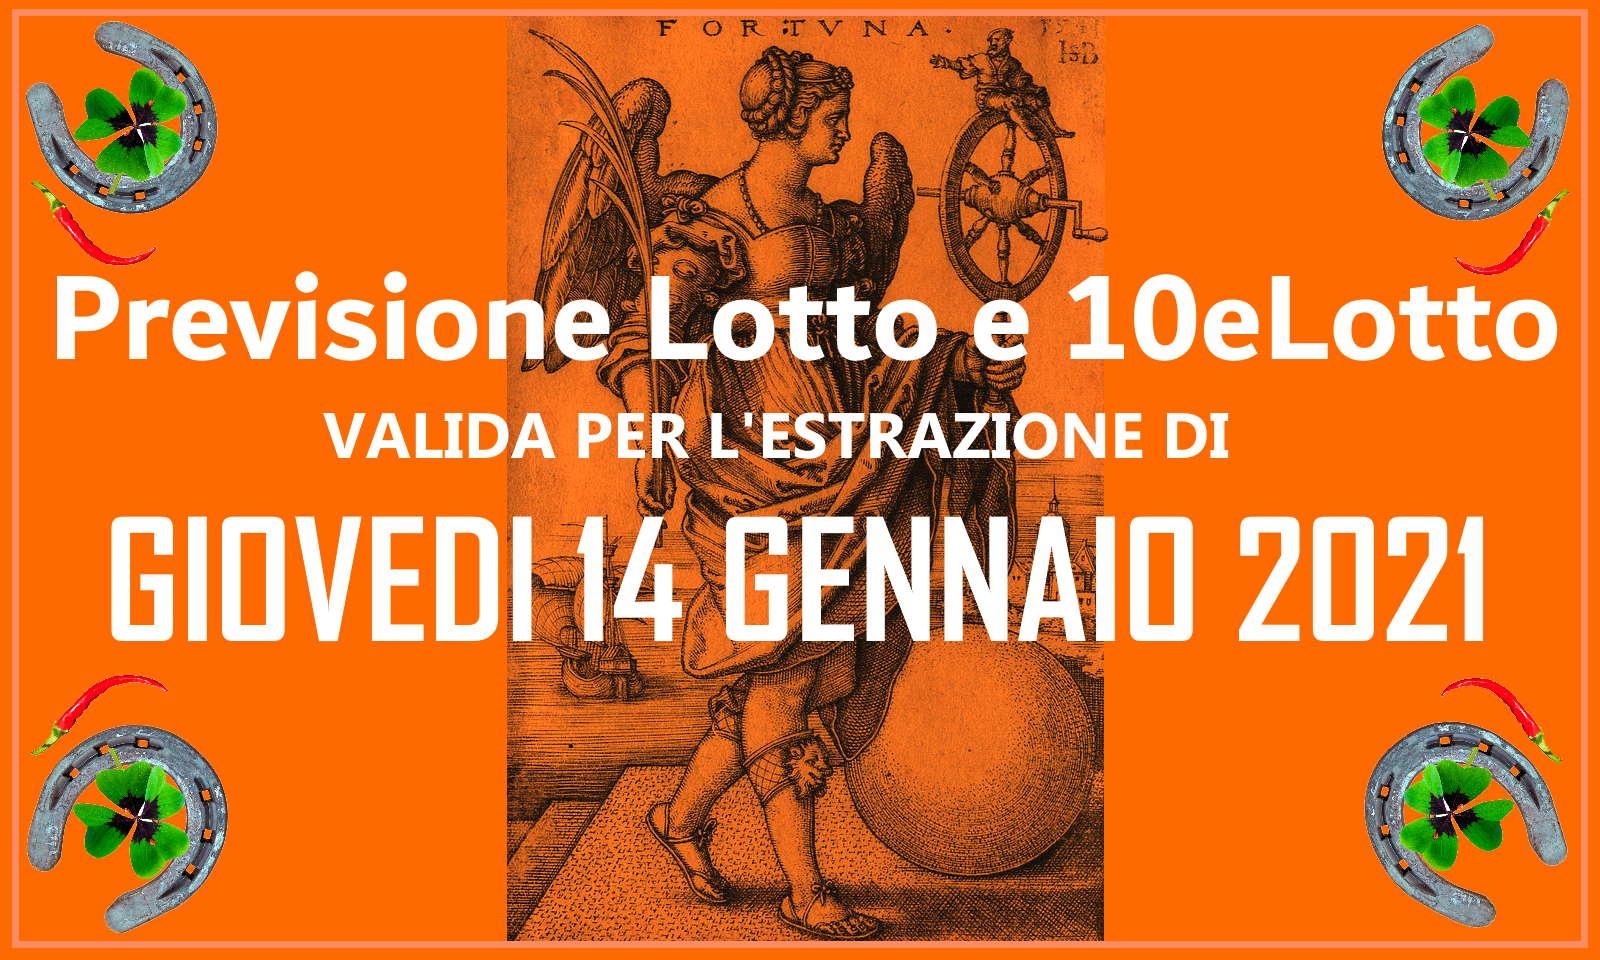 Previsione Lotto e 10eLotto del 14 Gennaio 2021